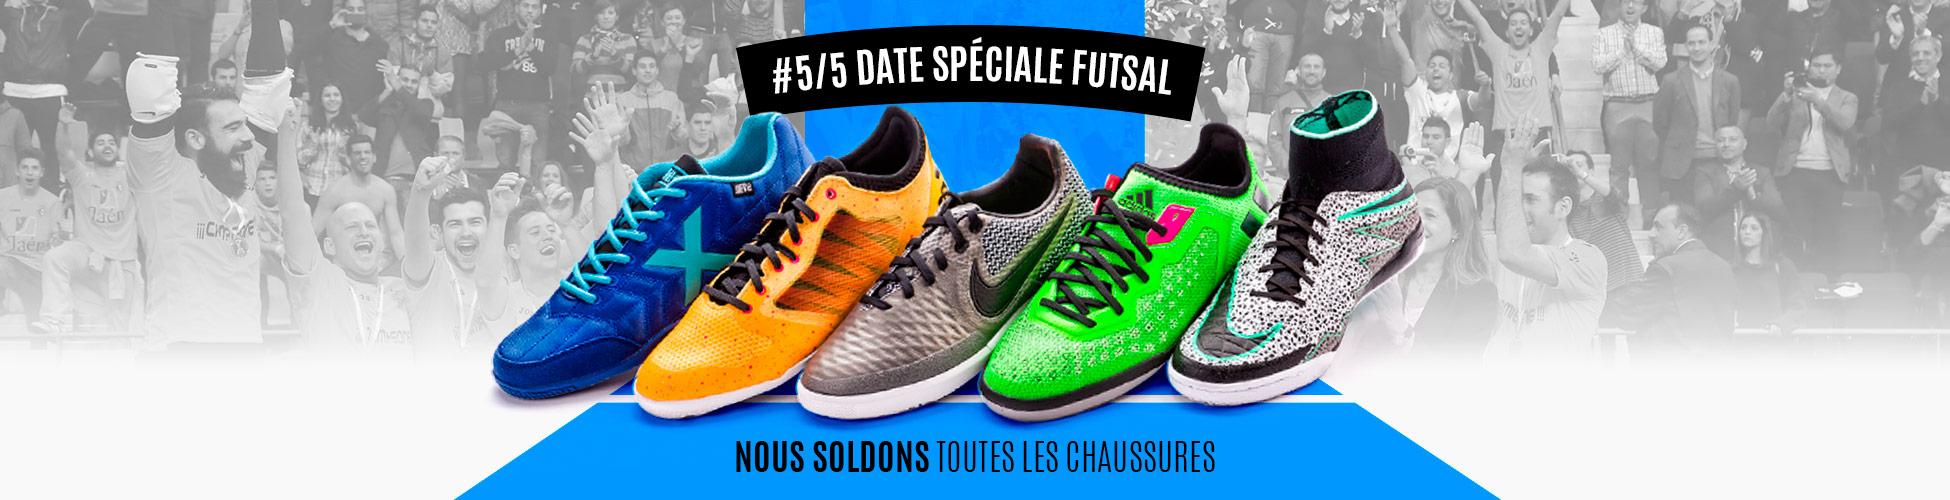 5x5 Date Especiale Futsal